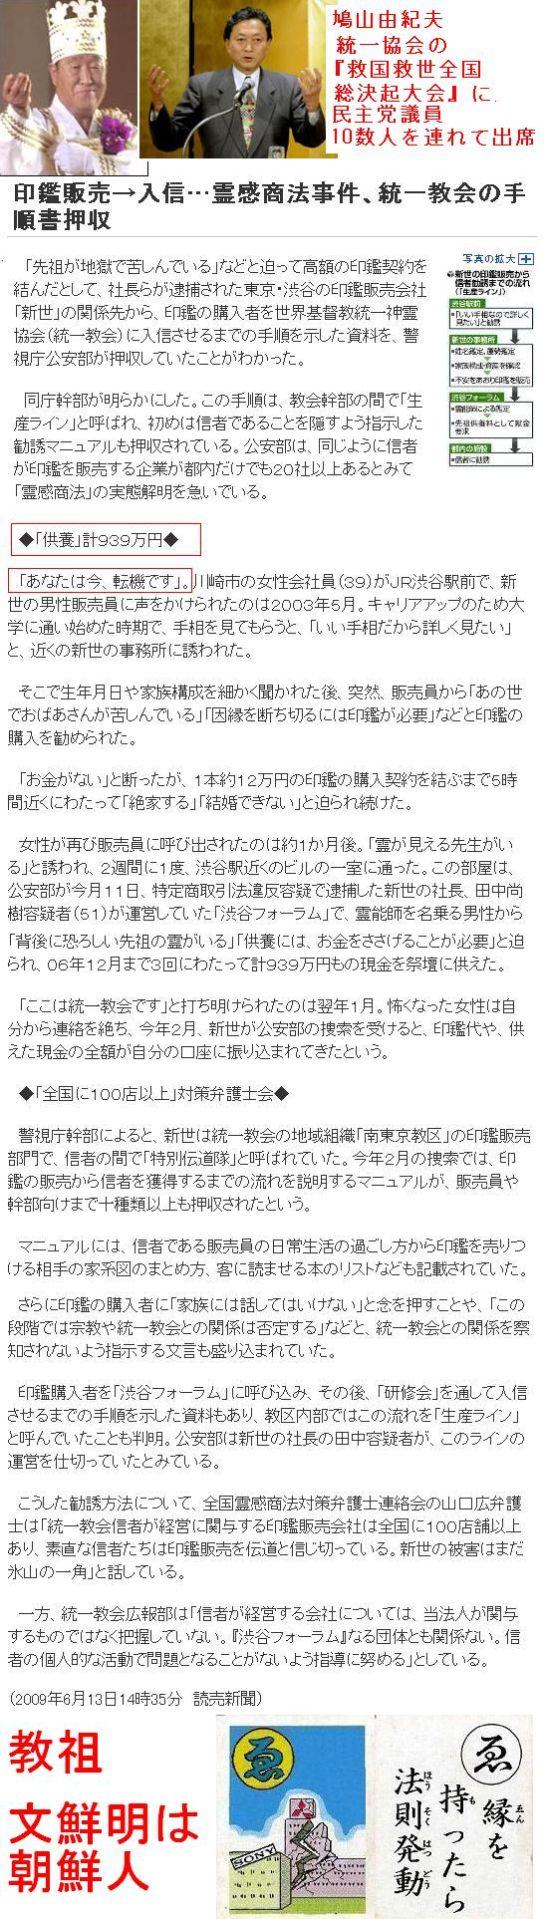 touituinkanleikantaiho200906.jpg